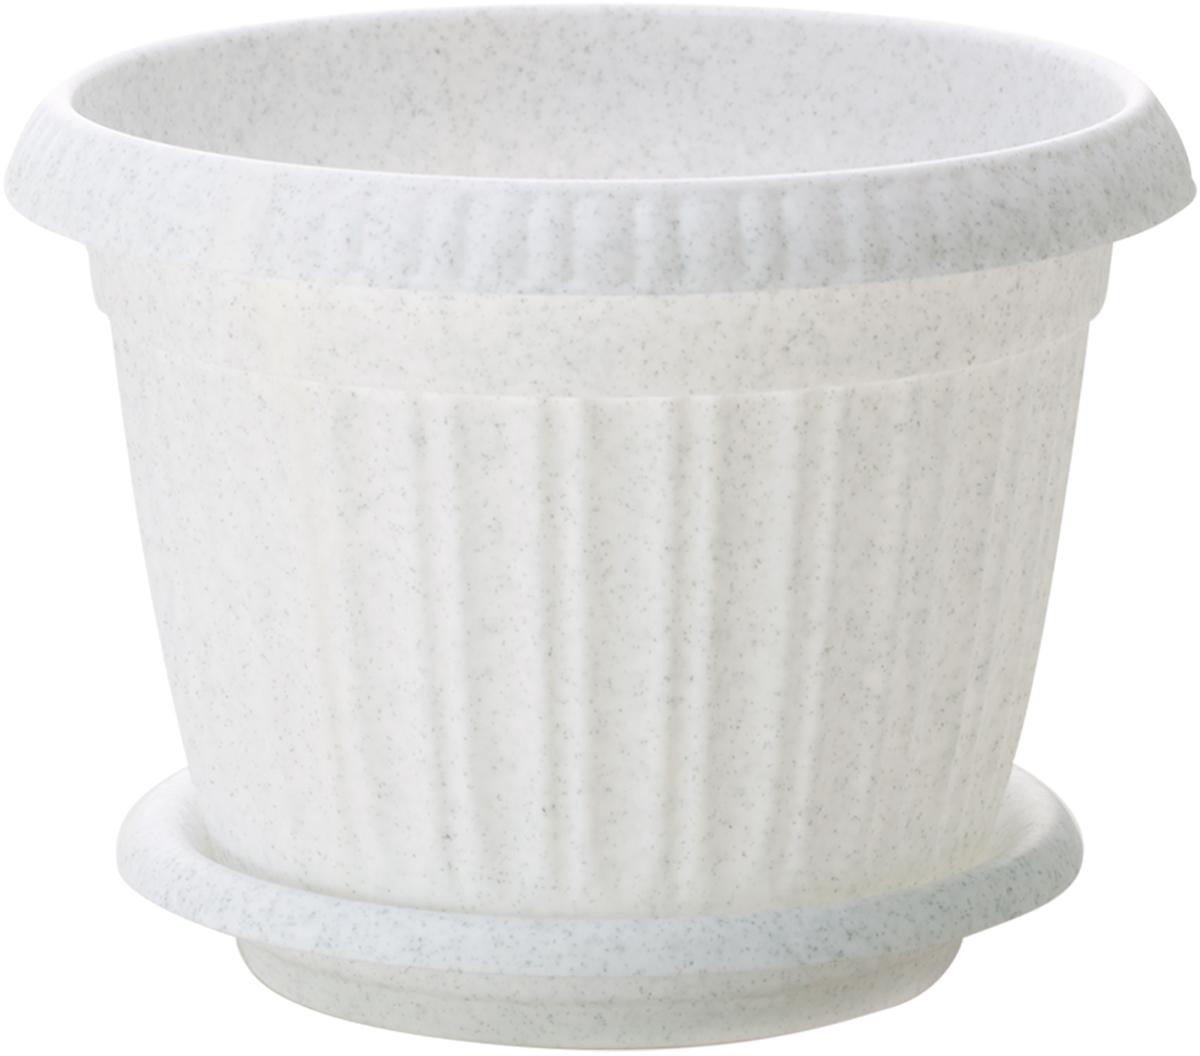 Горшок для цветов InGreen Таити, с подставкой, цвет: мраморный, диаметр 28 см поддон для балконного ящика ingreen цвет белый длина 60 см